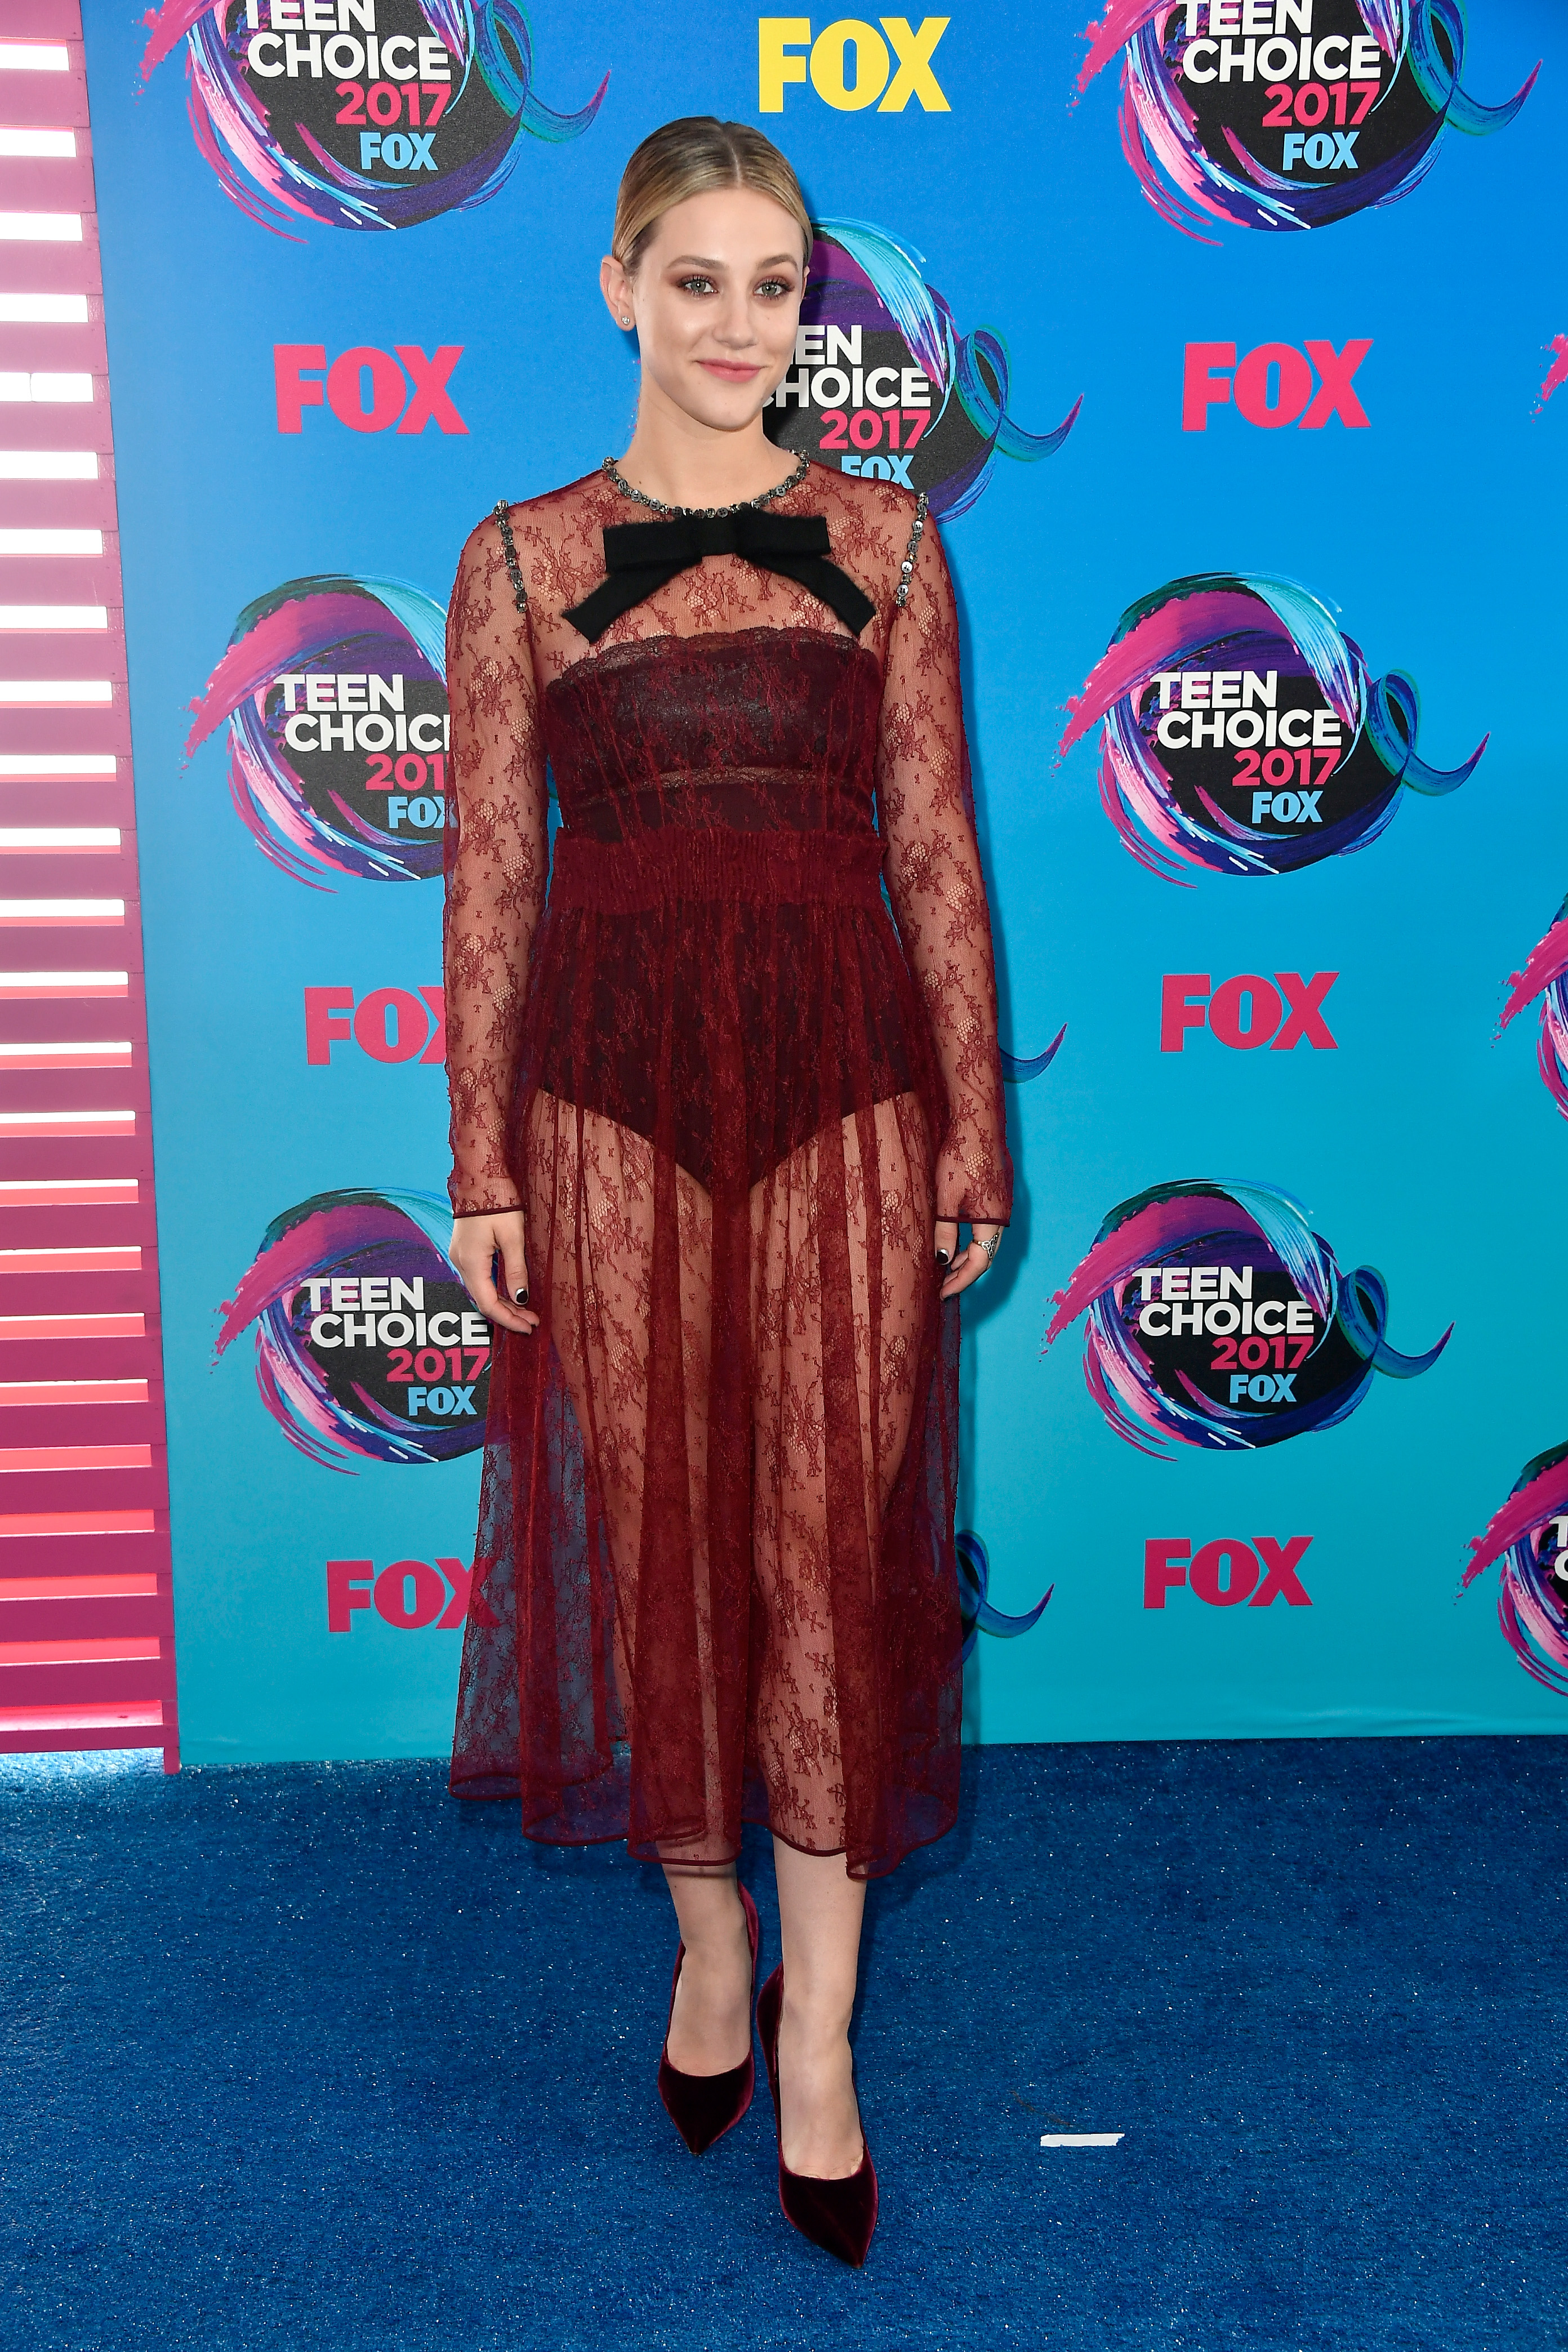 Teen Choice Awards 2017 - Lili Reinhart